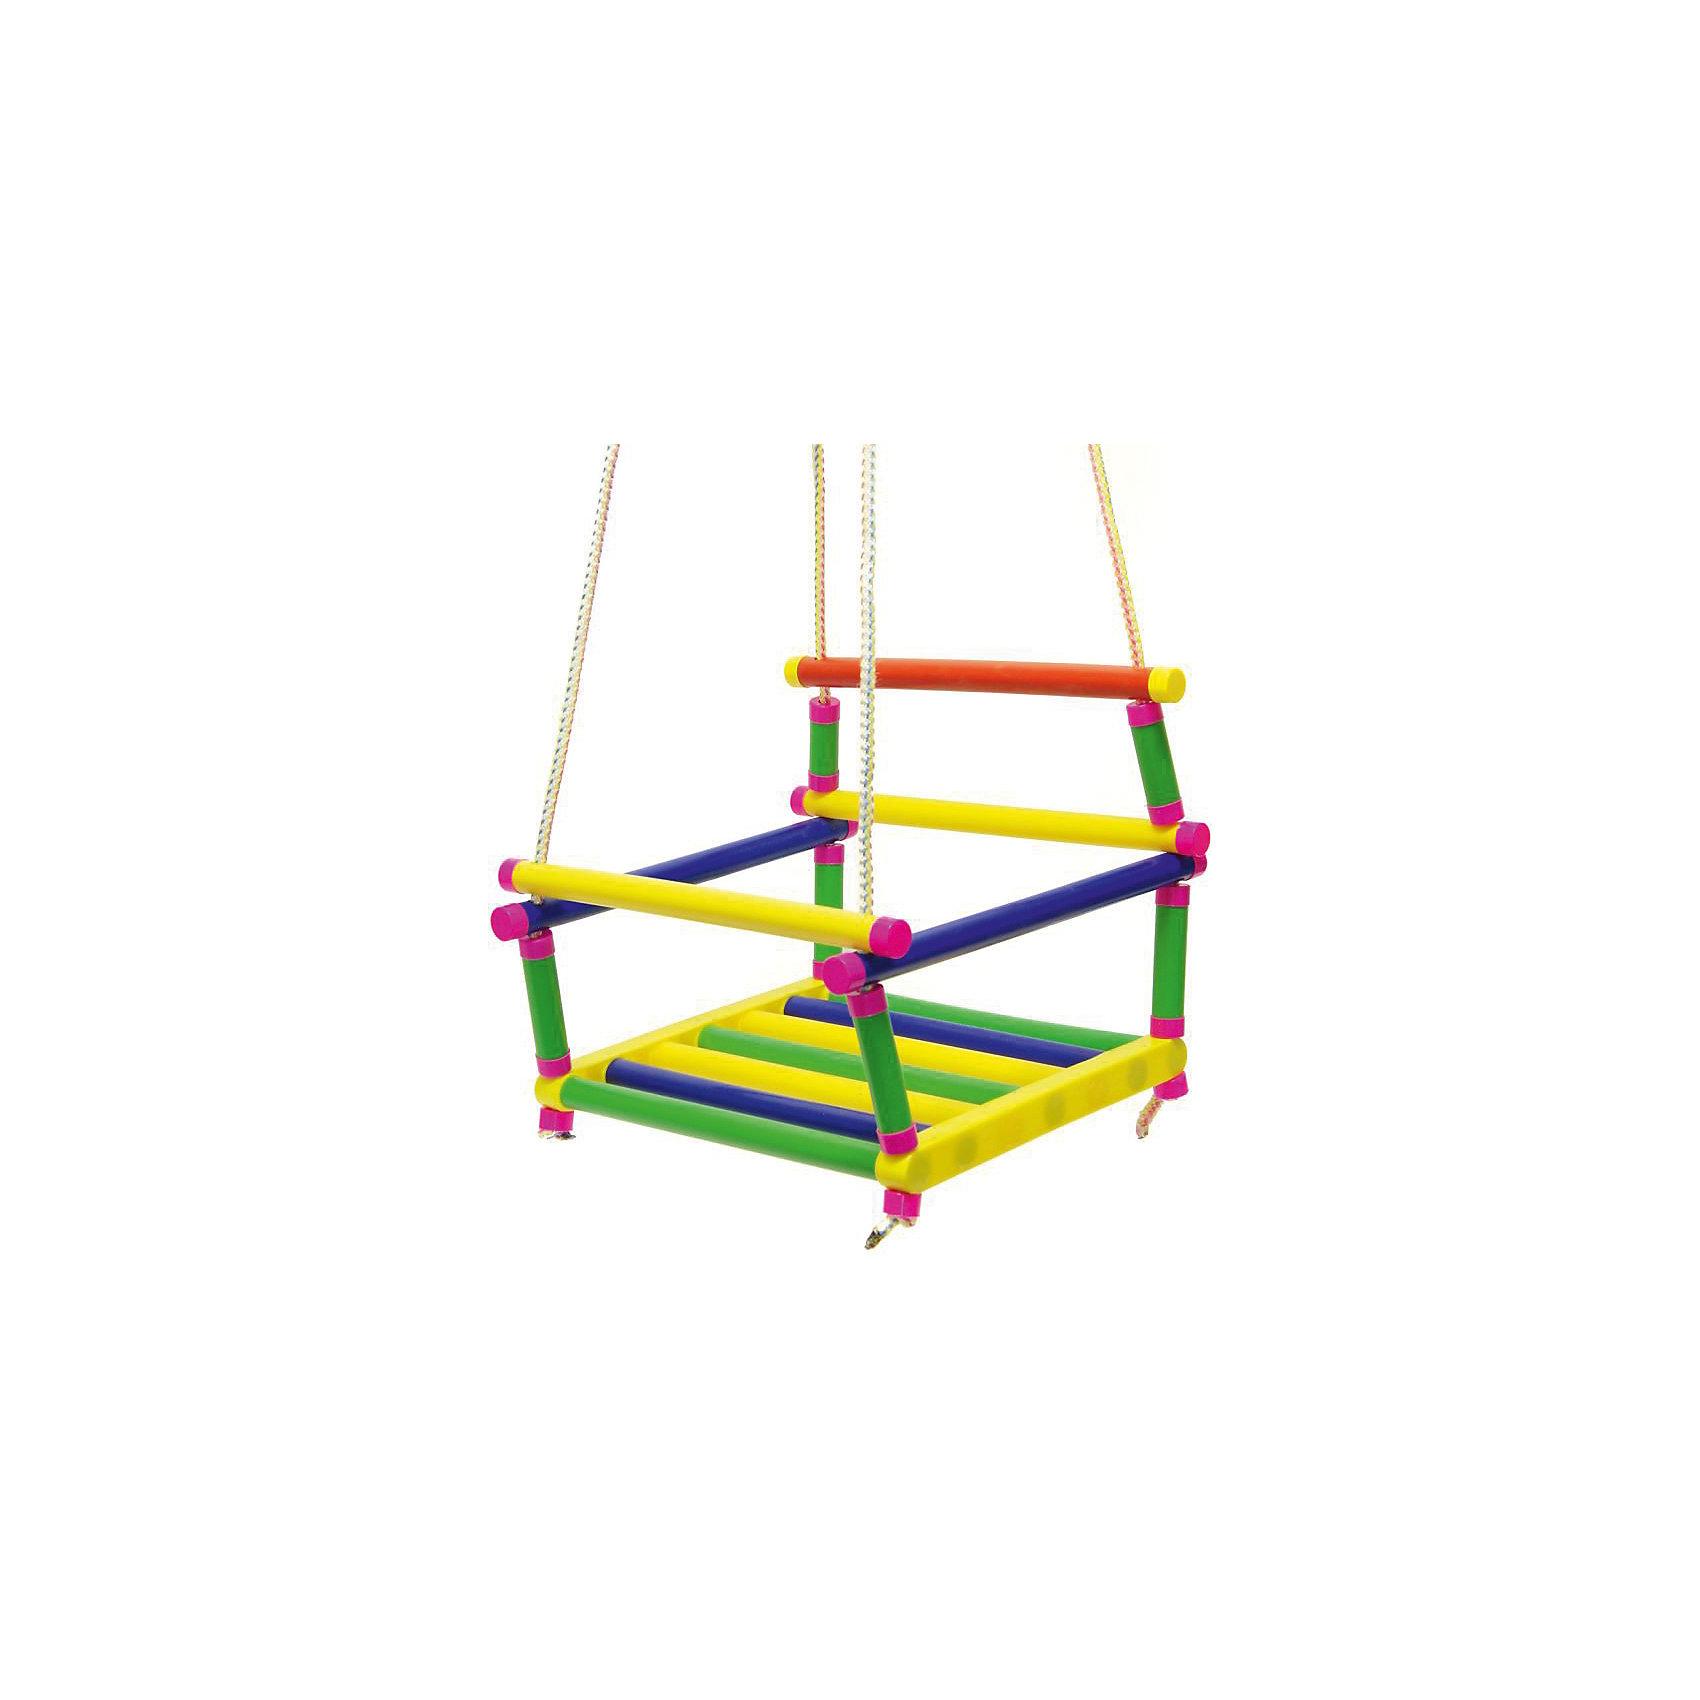 Качели подвесные, Karolina ToysПодвесные качели, Karolina Toys - прекрасное детское развлечение, которое отлично подойдет для отдыха на природе или на даче. Качели выполнены из набора высококачественных пластиковых трубок, конструкция отличается надежностью и способна выдержать вес шестилетнего ребенка. Сиденье в форме маленького кресла со спинкой и подлокотниками обеспечивает комфорт во время катания. Передняя планка поднимается и опускается, что позволяет удобнее усадить ребенка и не бояться, что он упадет. Качели имеют яркий привлекательный дизайн и легко закрепляются с помощью четырех веревок (входят в комплект).<br><br>Дополнительная информация:<br><br>- В комплекте: качели, 4 веревки.<br>- Материал: пластик, текстиль.<br>- Размер качелей: 34 х 29 х 30 см.<br>- Размер упаковки: 34 х 29 х 8 см.<br>- Вес: 0,5 кг.<br> <br>Качели подвесные, Karolina Toys, можно купить в нашем интернет-магазине.<br><br>Ширина мм: 340<br>Глубина мм: 300<br>Высота мм: 290<br>Вес г: 560<br>Возраст от месяцев: 24<br>Возраст до месяцев: 180<br>Пол: Унисекс<br>Возраст: Детский<br>SKU: 4627926